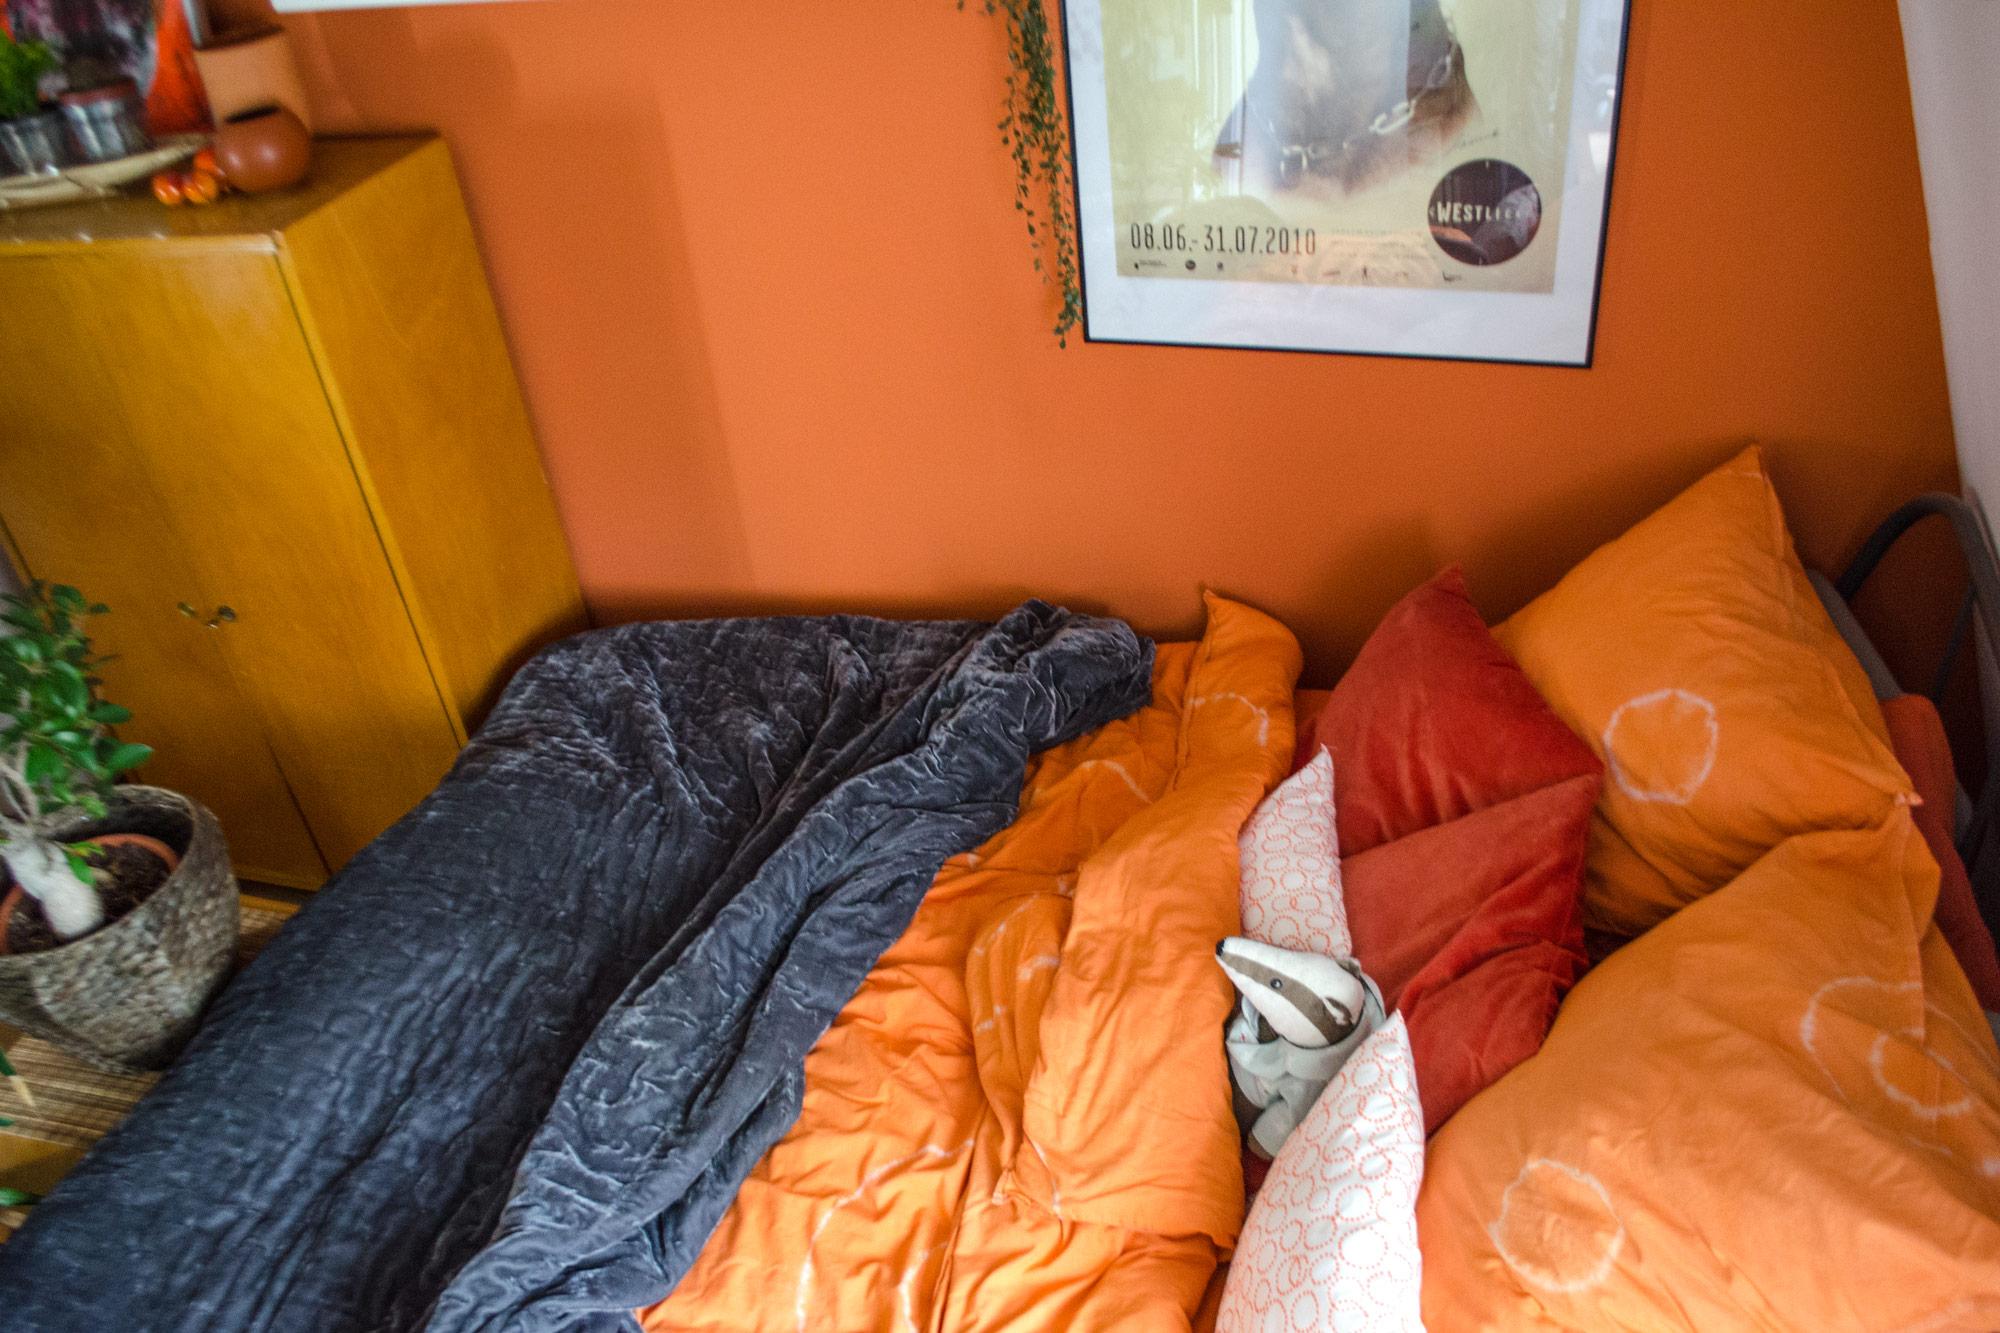 Stoff färben | Ist Textilfarbe ungefährlich für die Waschmaschine? [unbeauftragte werbung]